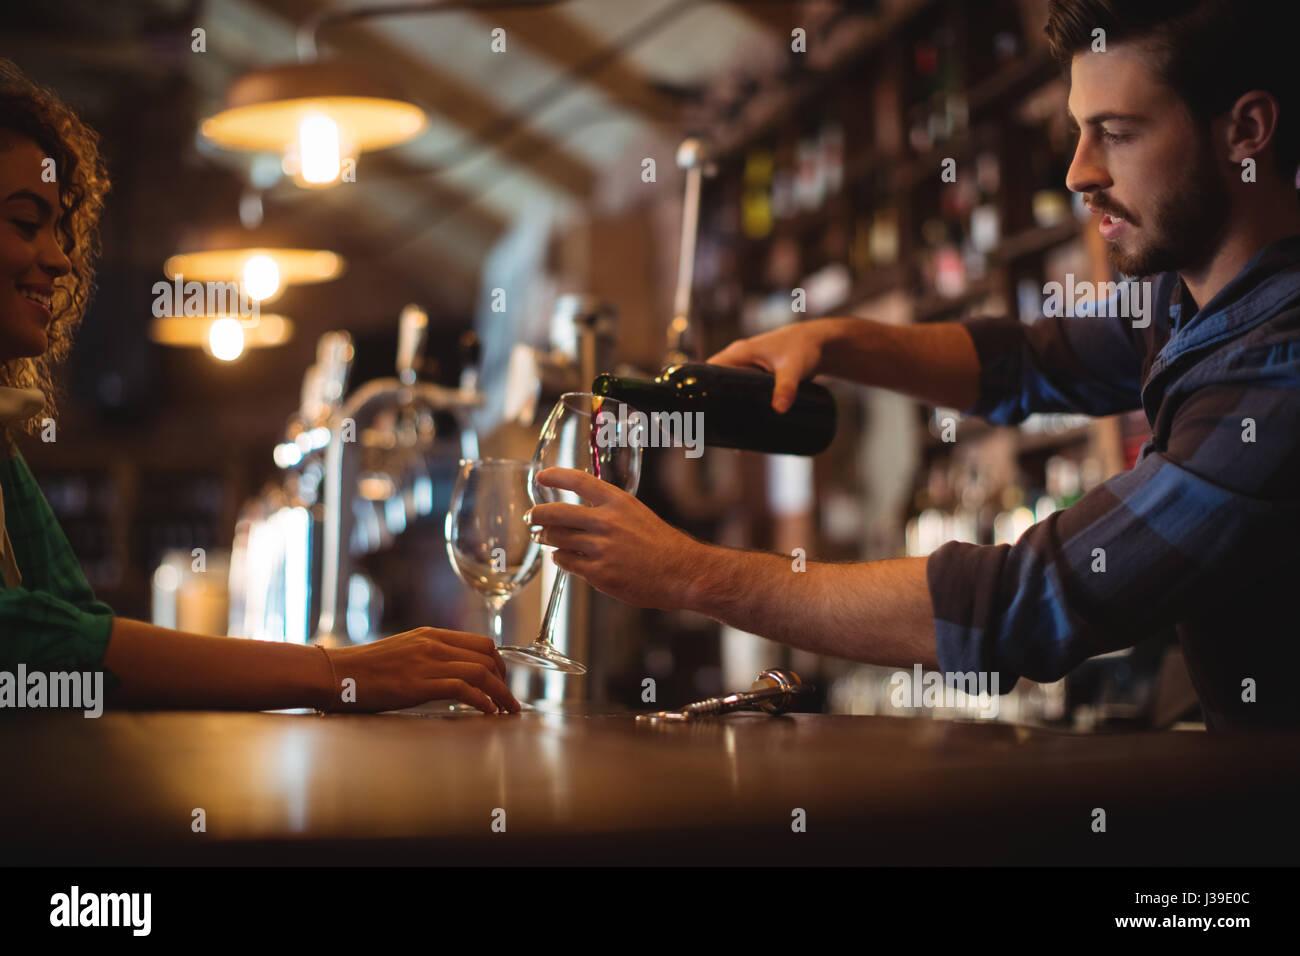 Männliche bar zart gießt Wein in Gläsern am Tresen Stockbild